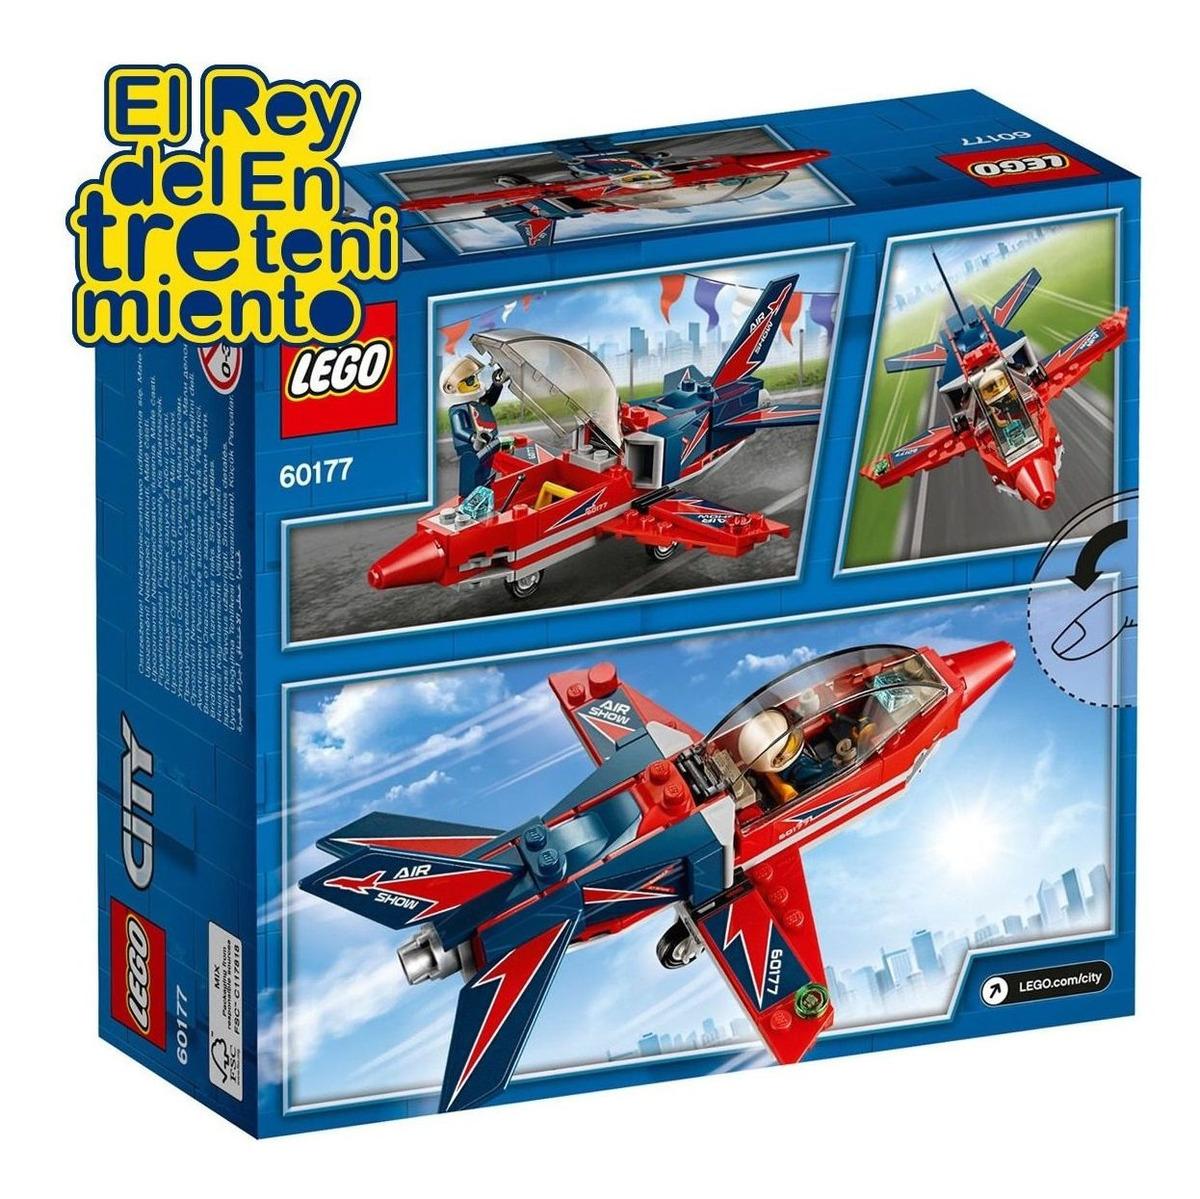 Lego City Jet De Exibición Encastre 60177 + Regalo - El ...